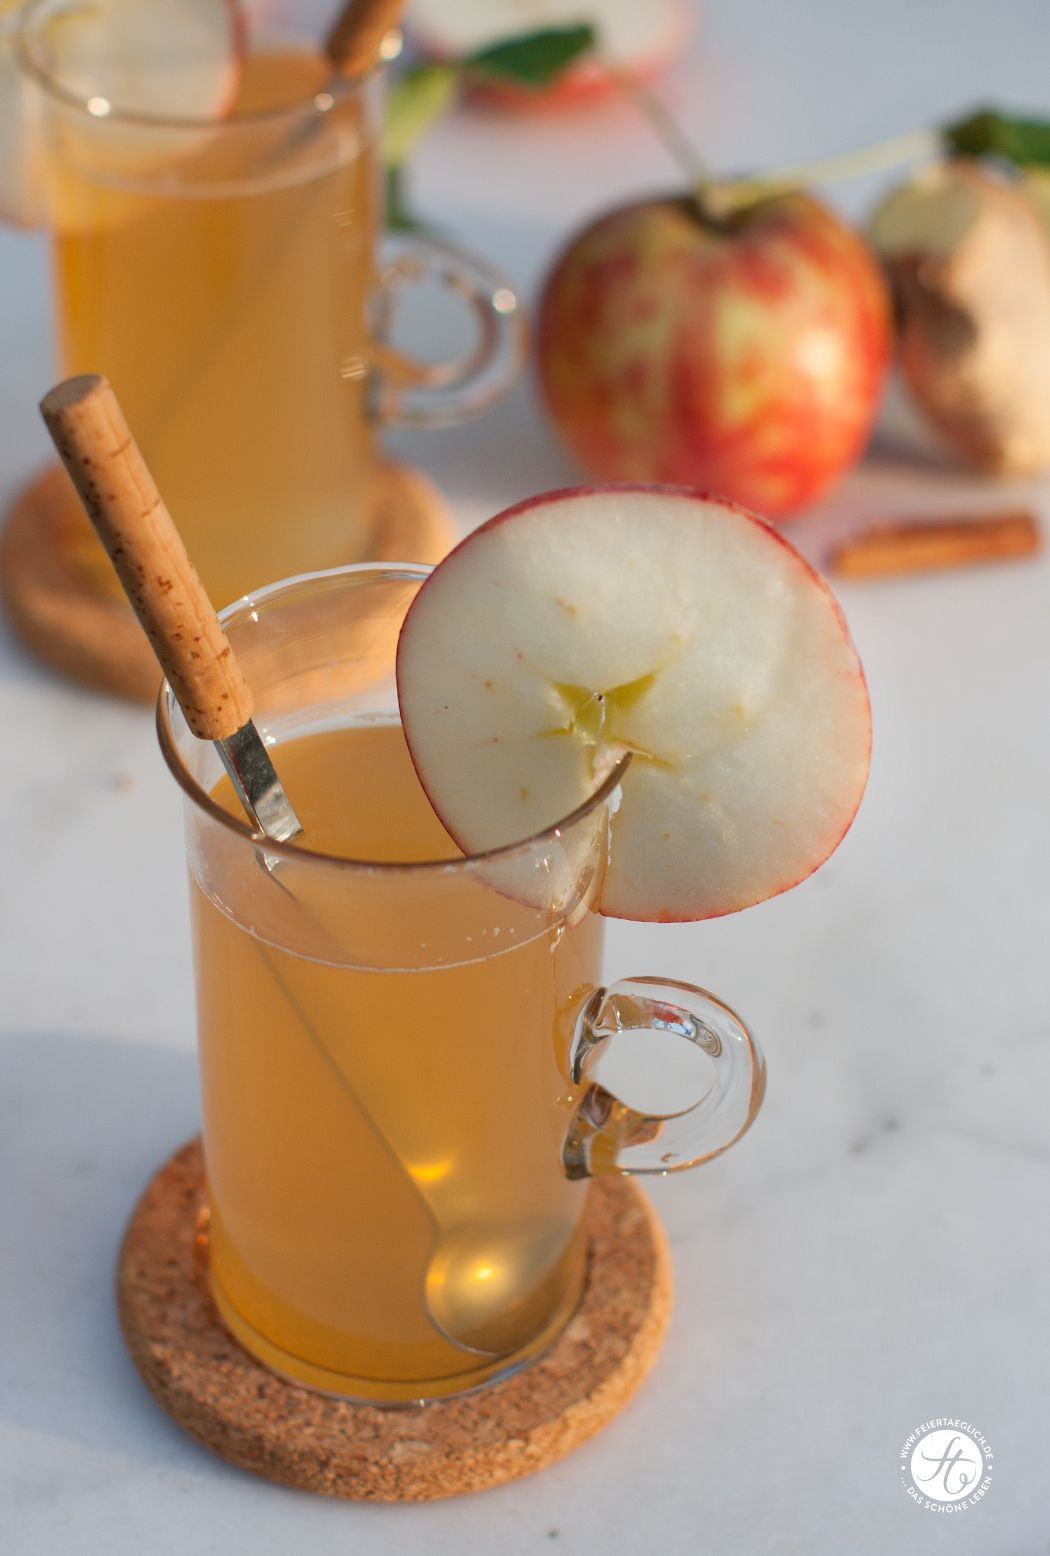 Superfoodsamstag Mit Einem Rezept Fur Ingwer Apfel Zimt Tee Von Feiertaeglich De Rezepte Veganer Smoothie Apfel